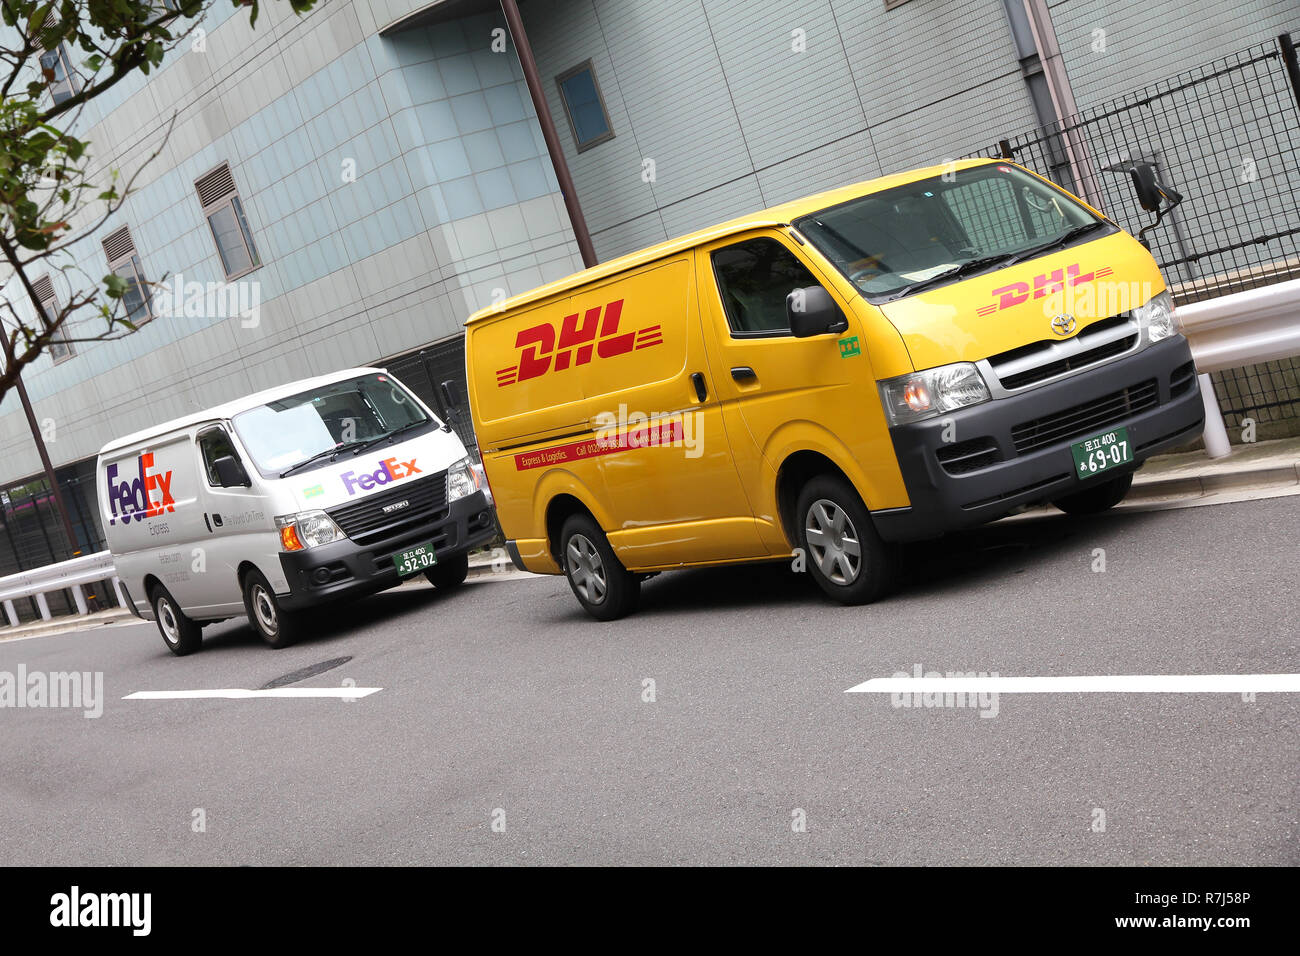 7249189d0de113 Dhl Vans Stock Photos   Dhl Vans Stock Images - Alamy